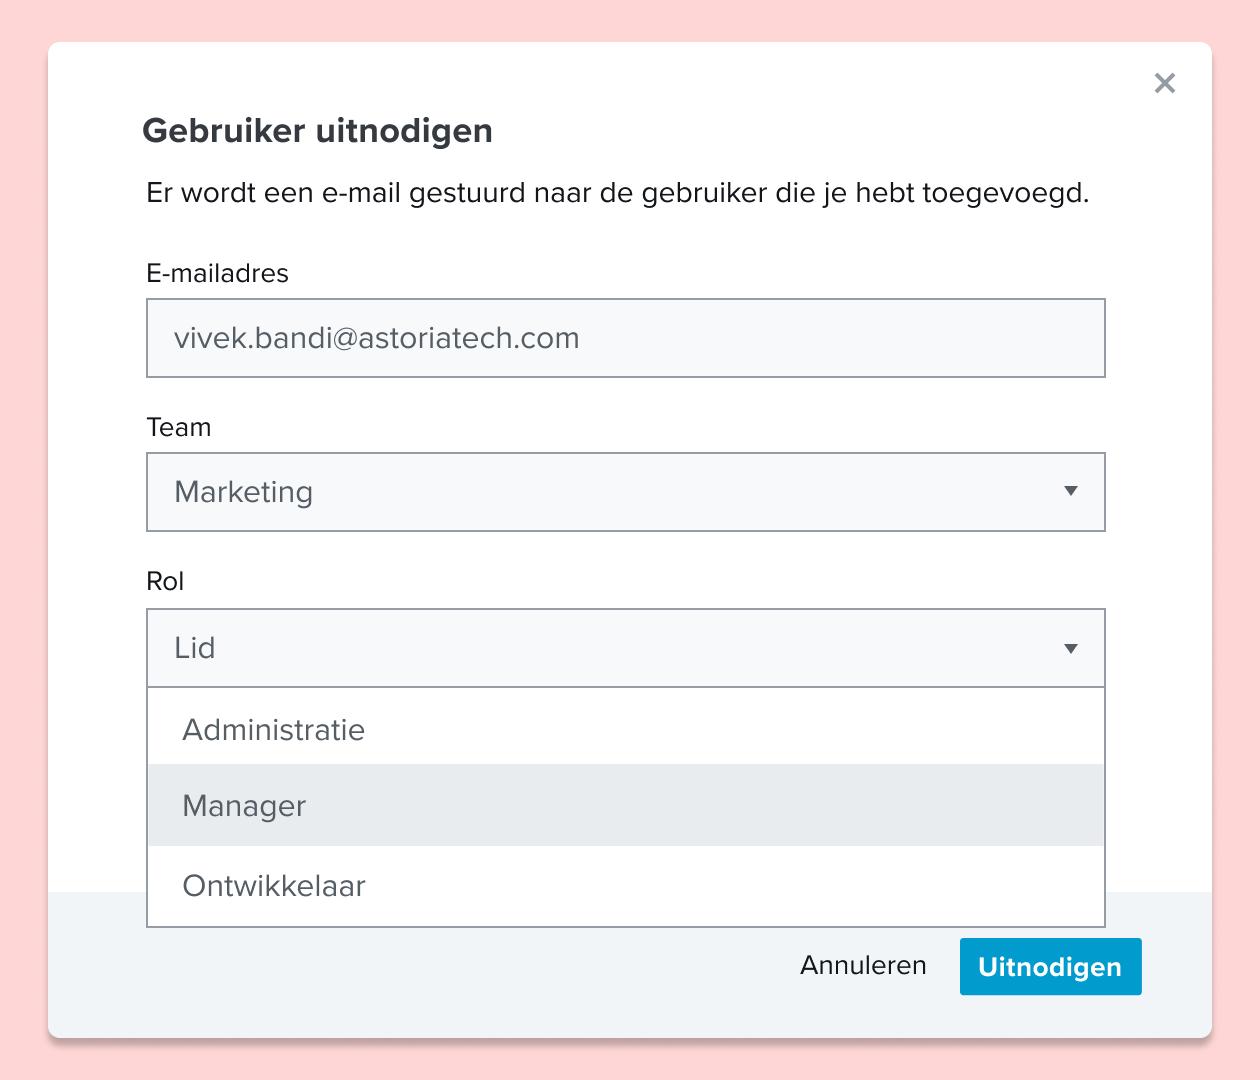 Screenshot van de uitnodiging van een gebruiker voor een HelloSign-document en de toewijzing van een functie aan de gebruiker